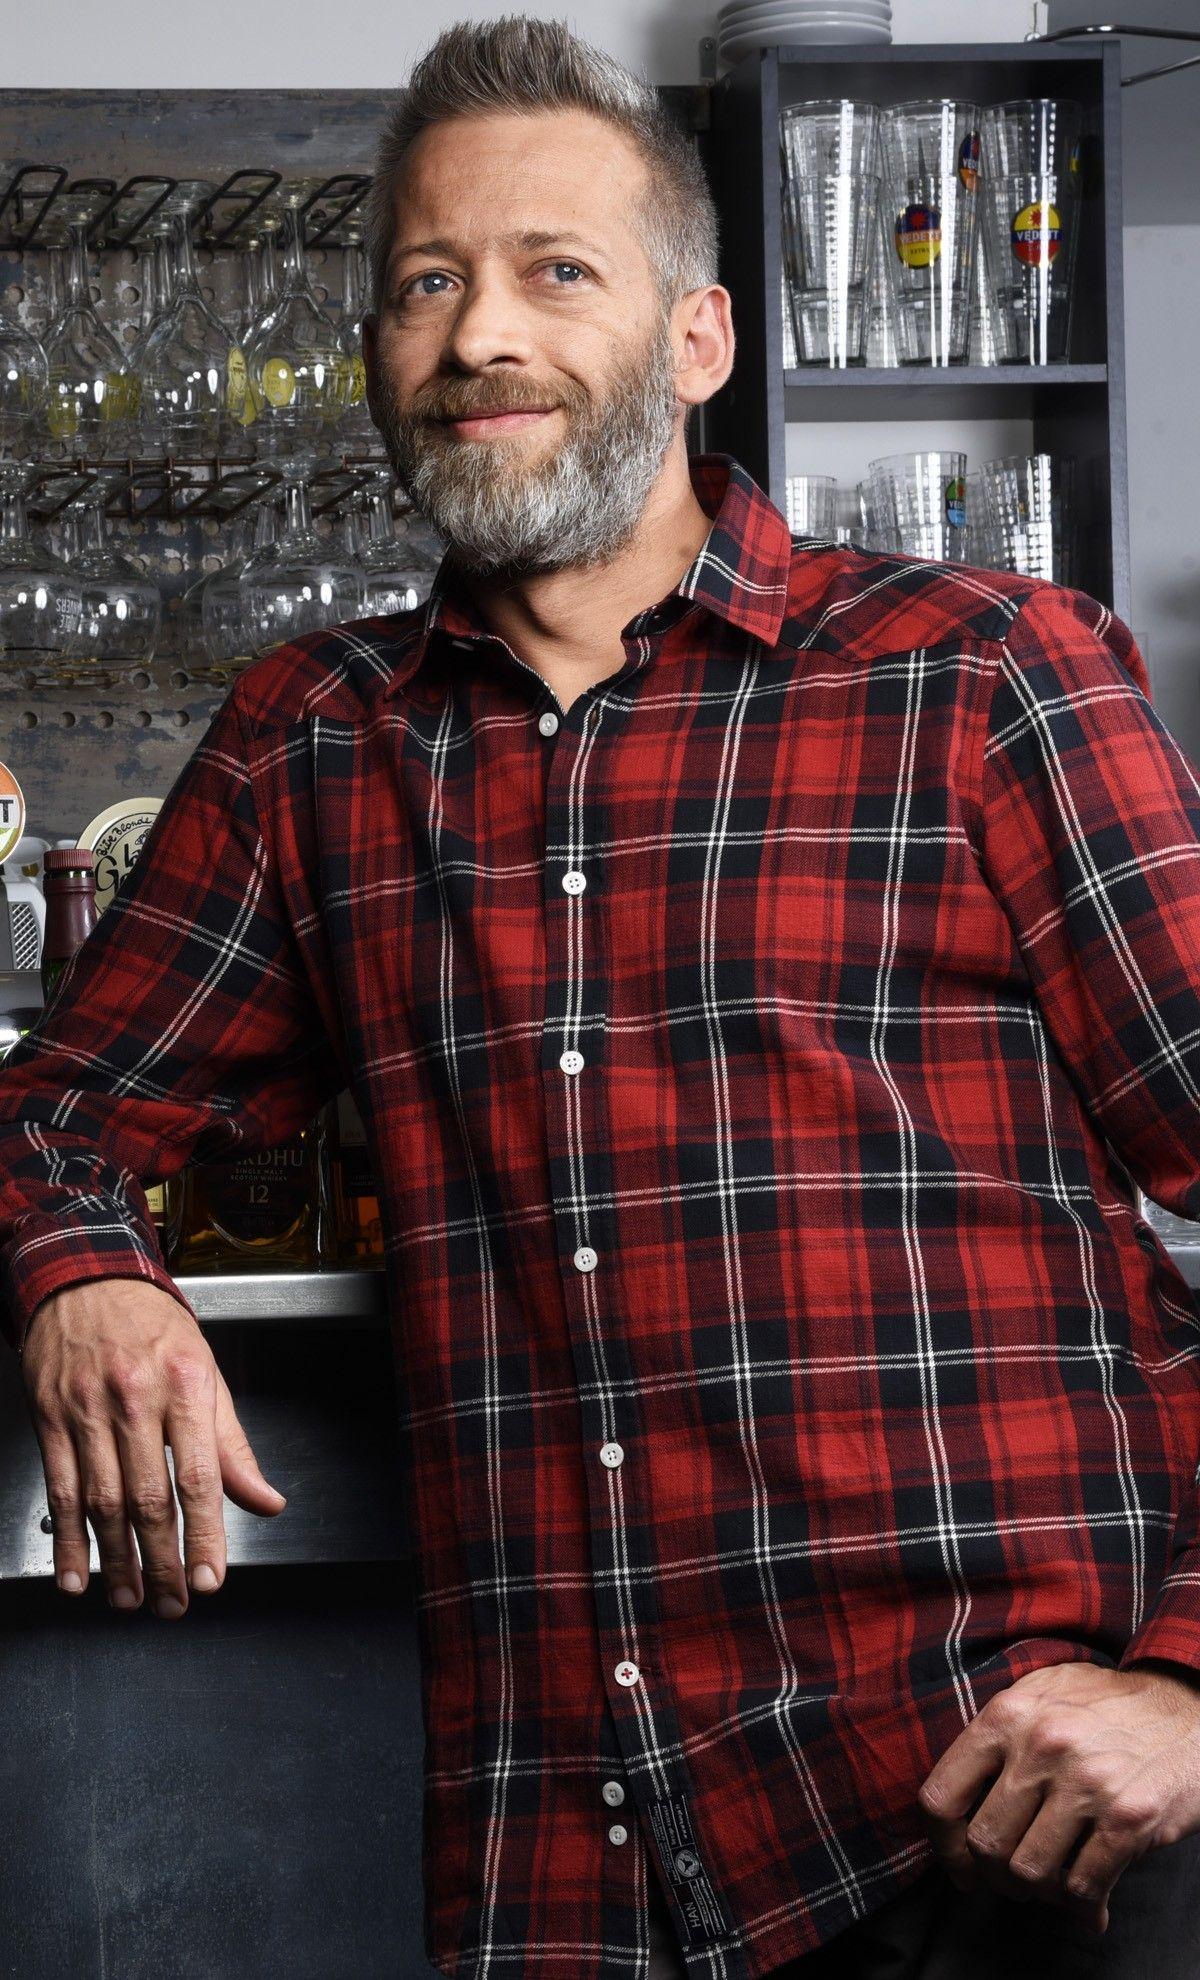 Chemise Carreaux Ecossais Hanjo Mode Homme Motif Rouge Et Noir Idee